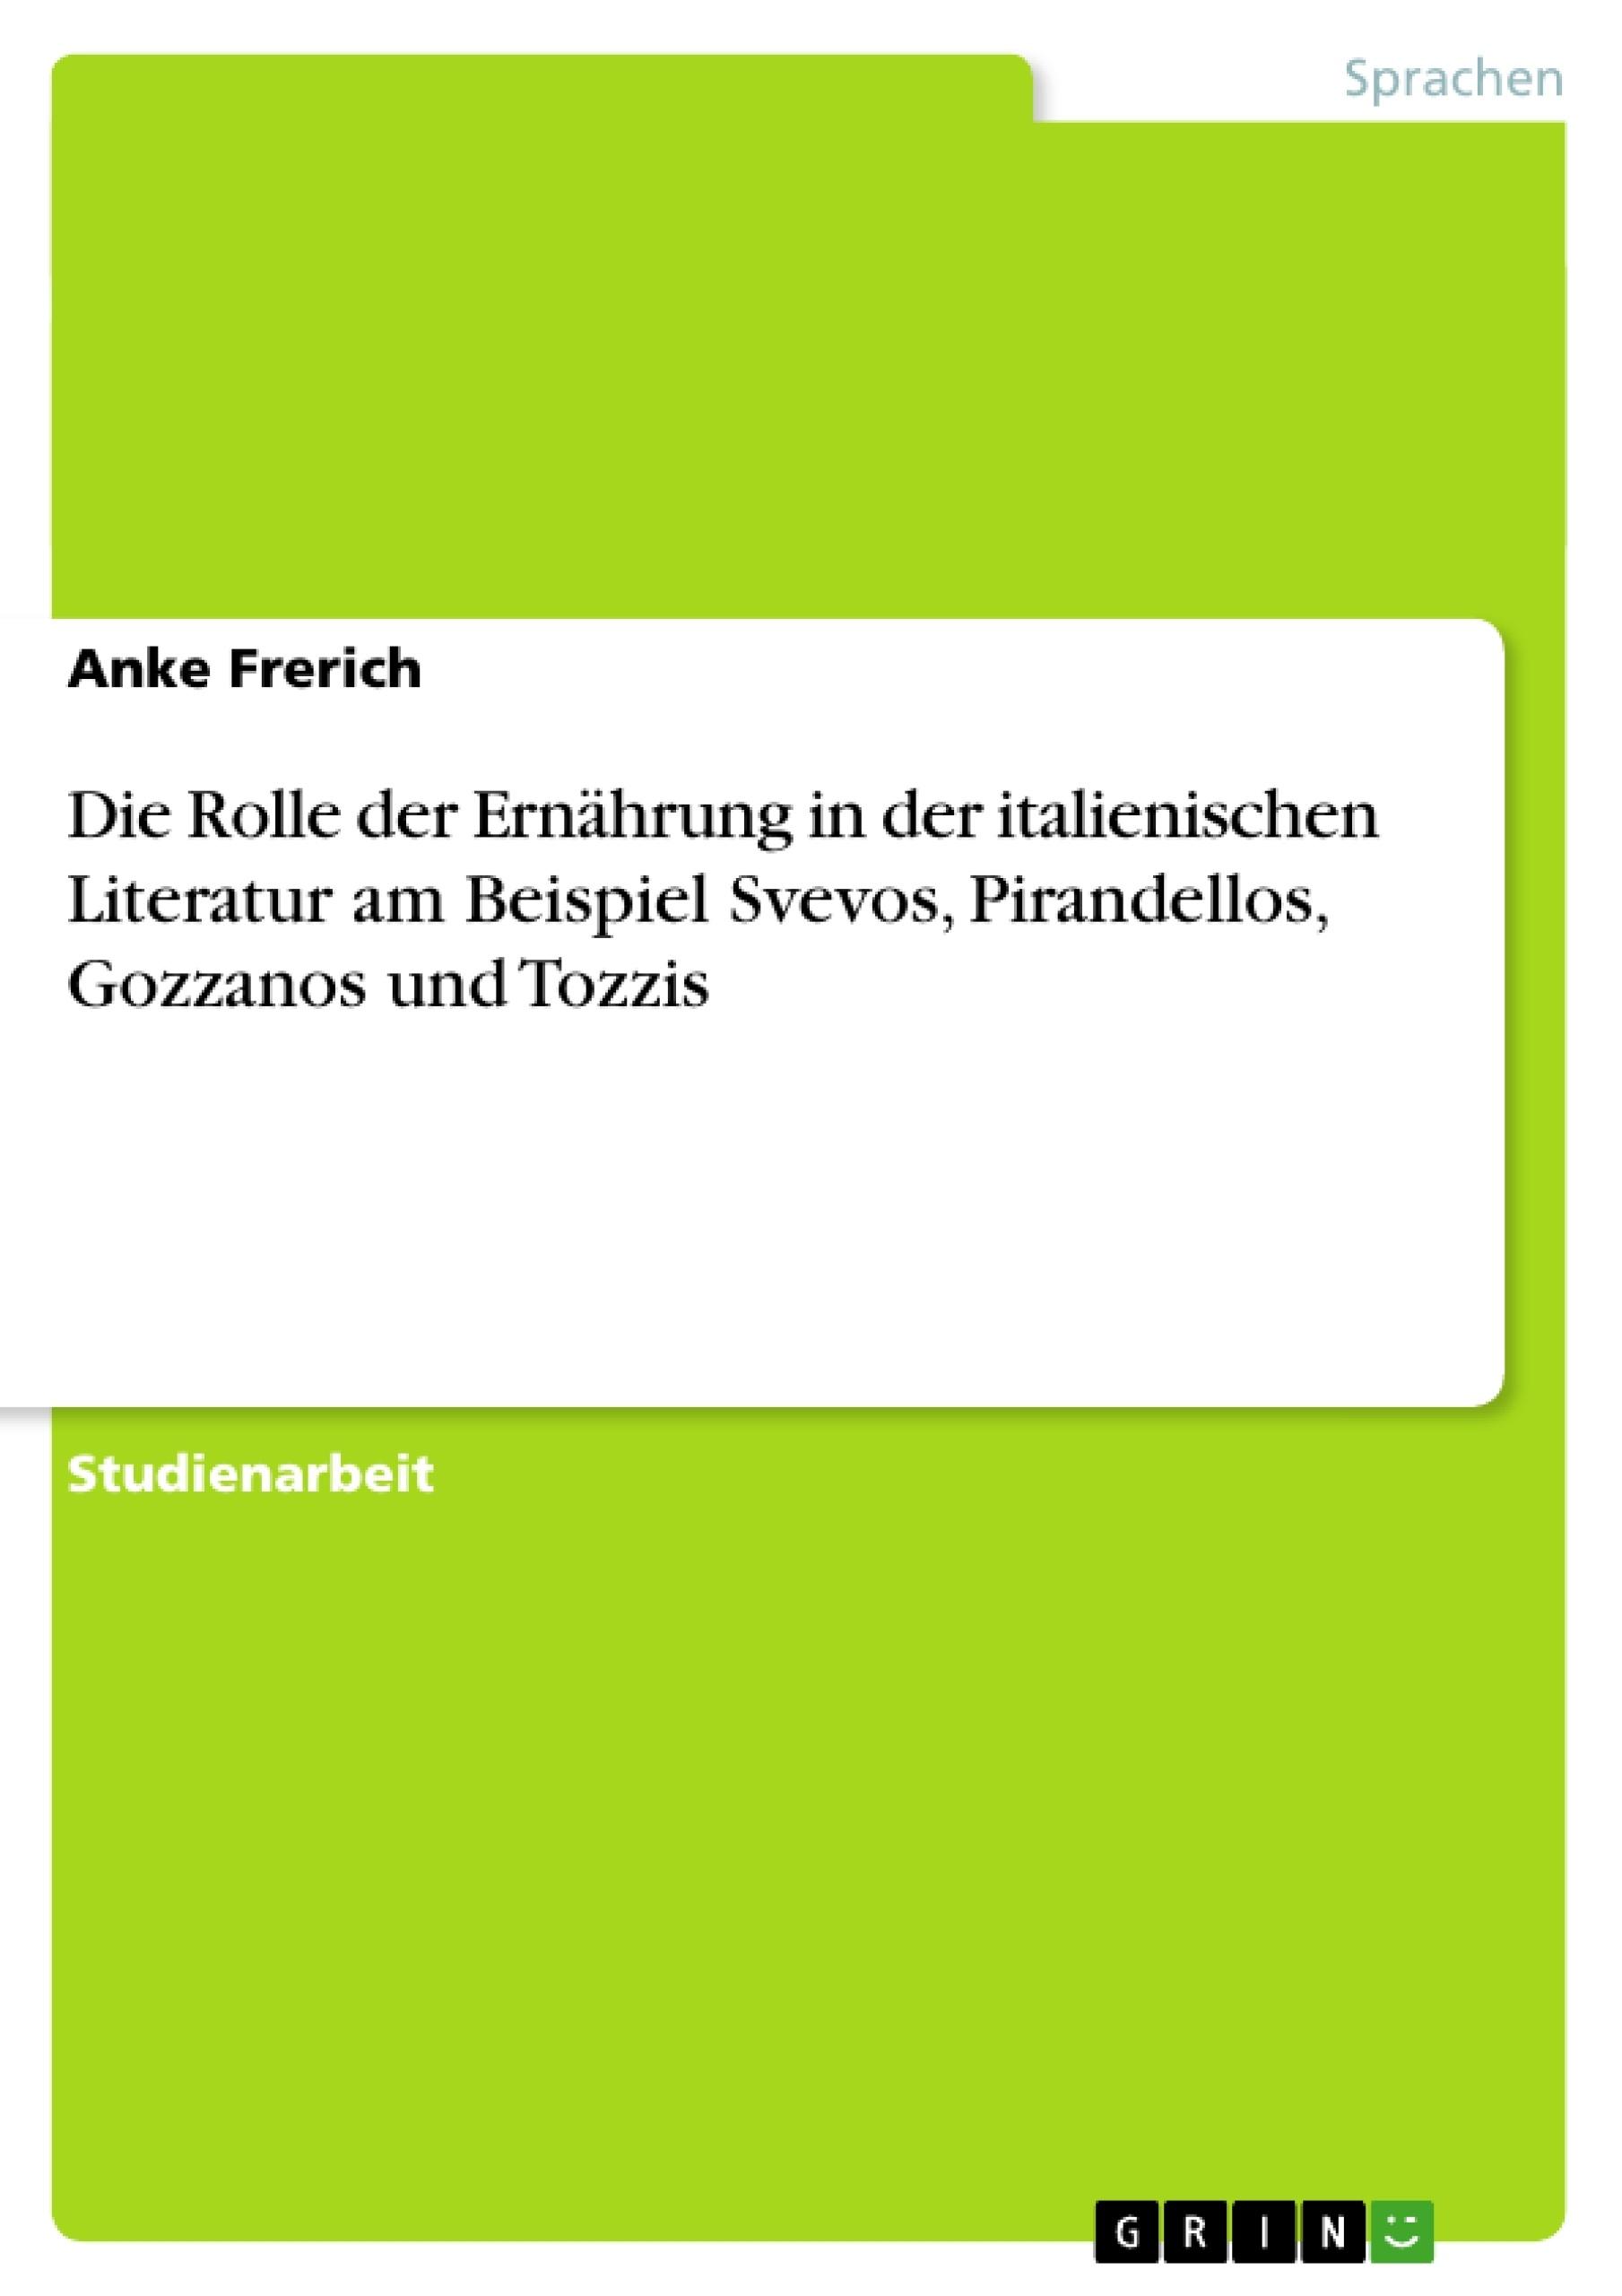 Titel: Die Rolle der Ernährung in der italienischen Literatur am Beispiel Svevos, Pirandellos, Gozzanos und Tozzis